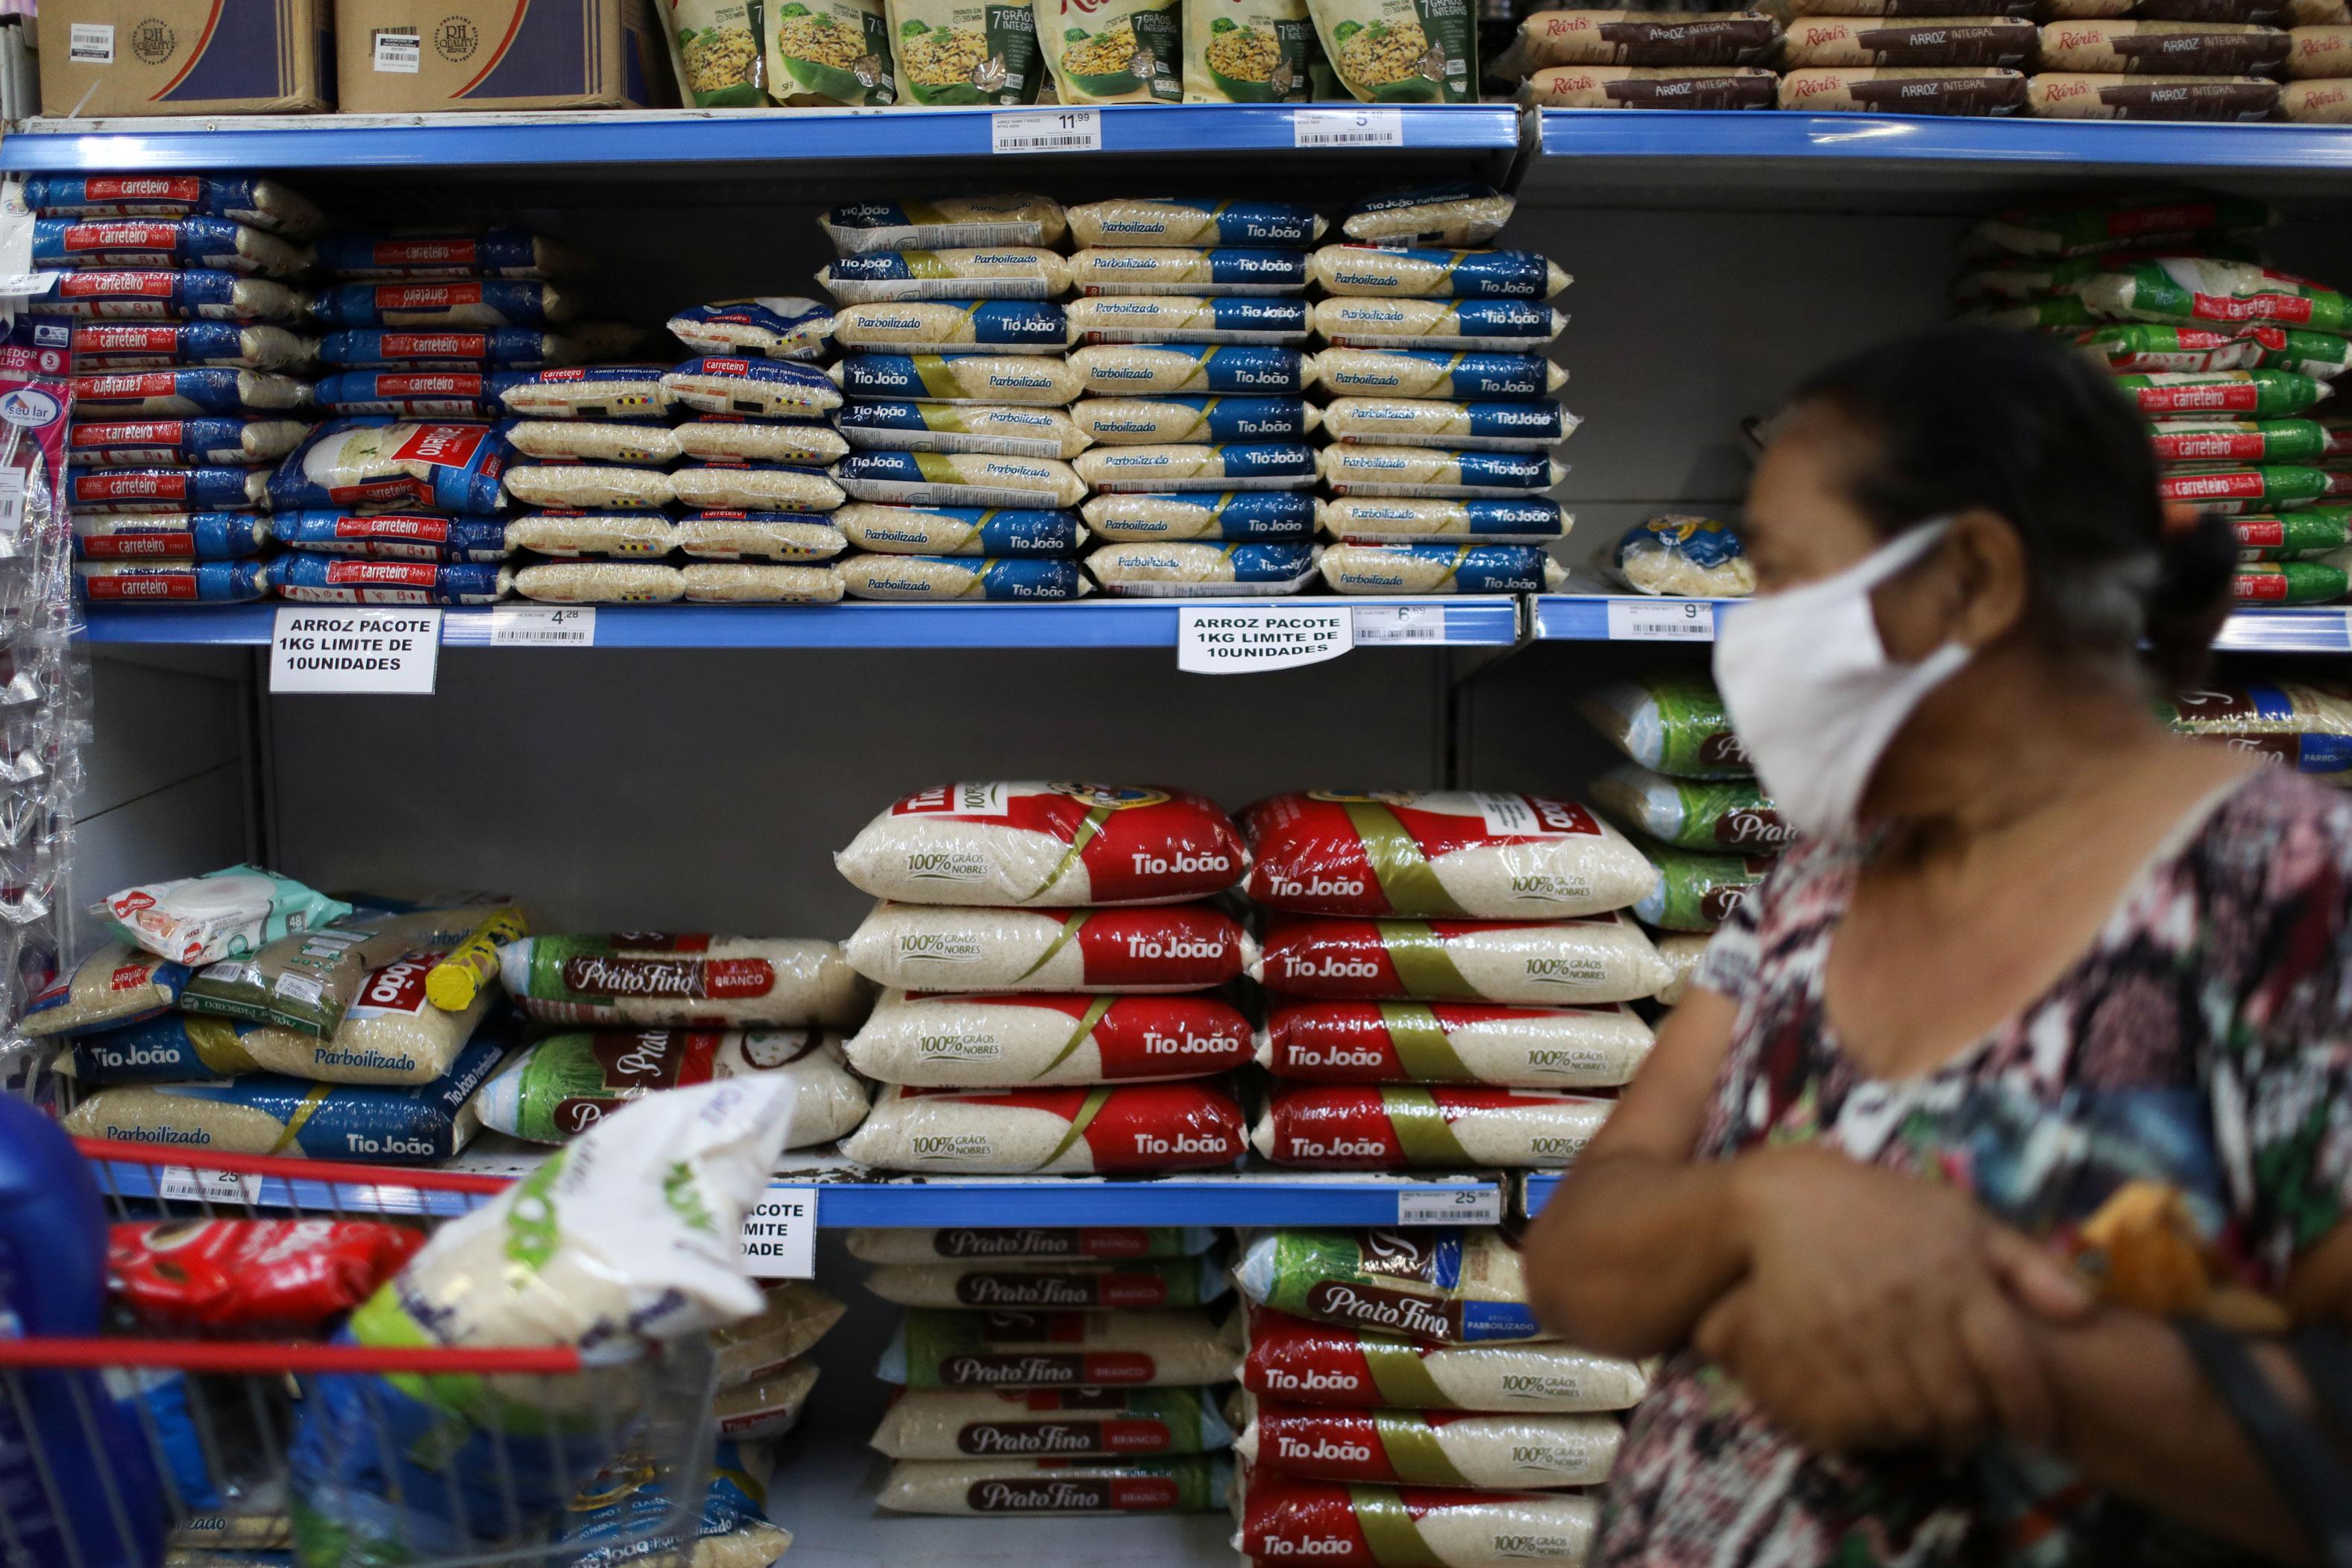 Sacos de arroz em supermercado no Rio de Janeiro